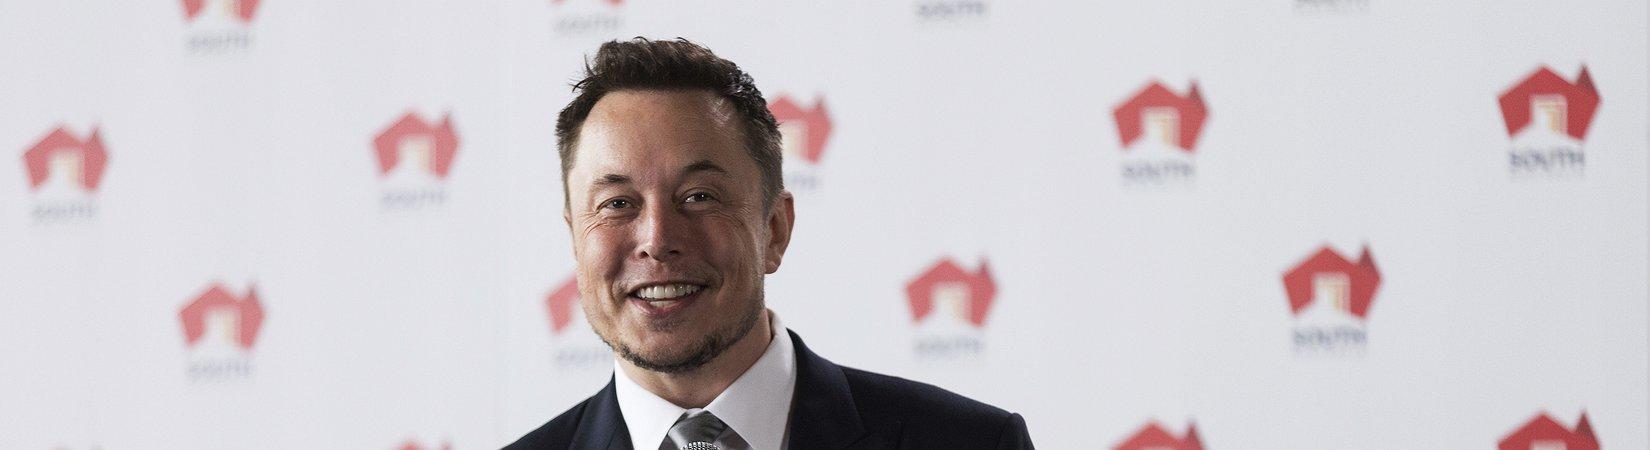 Elon Musk construiu a maior bateria do mundo